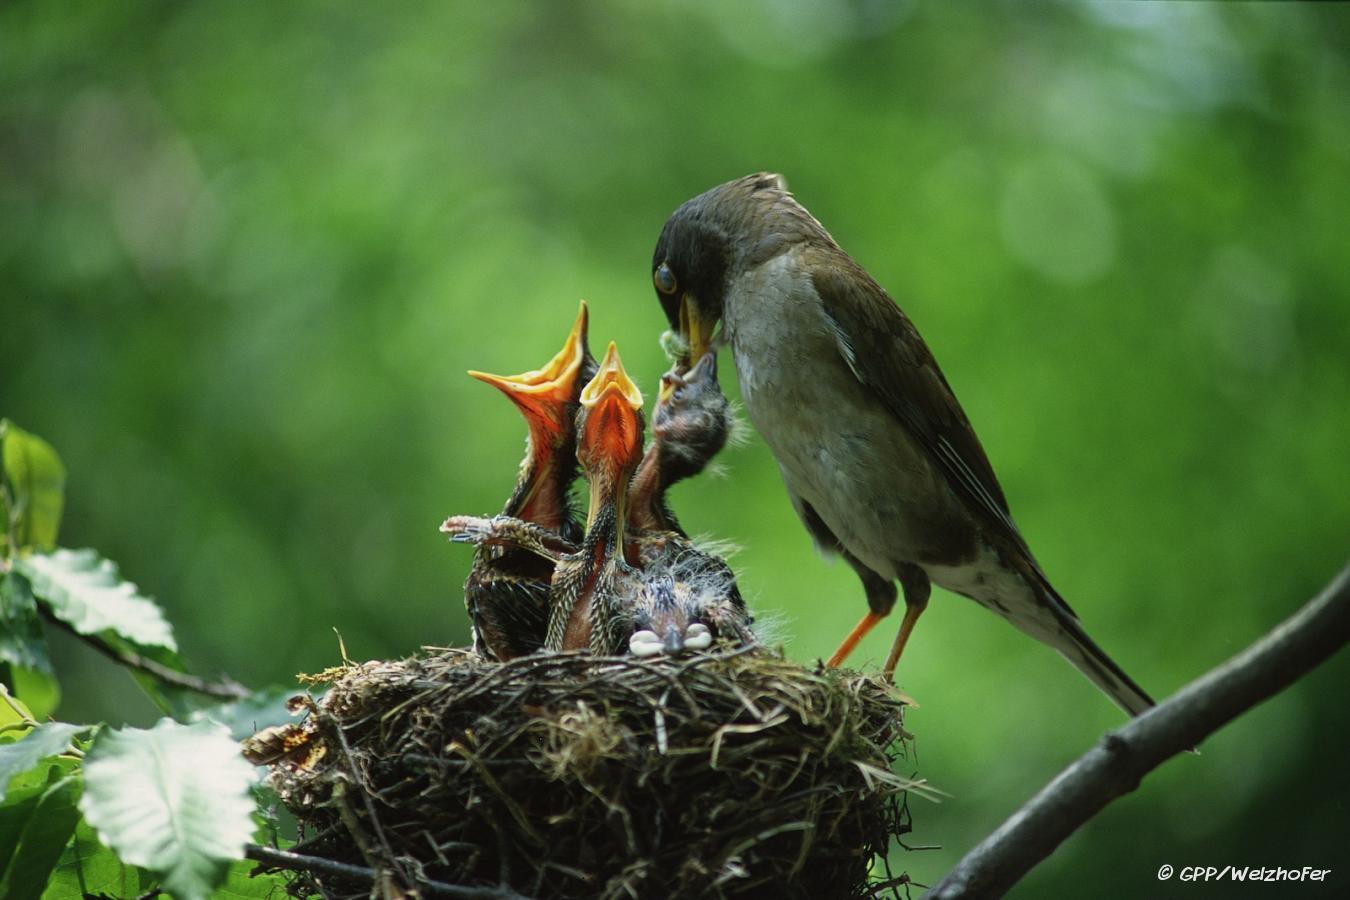 feed little birds